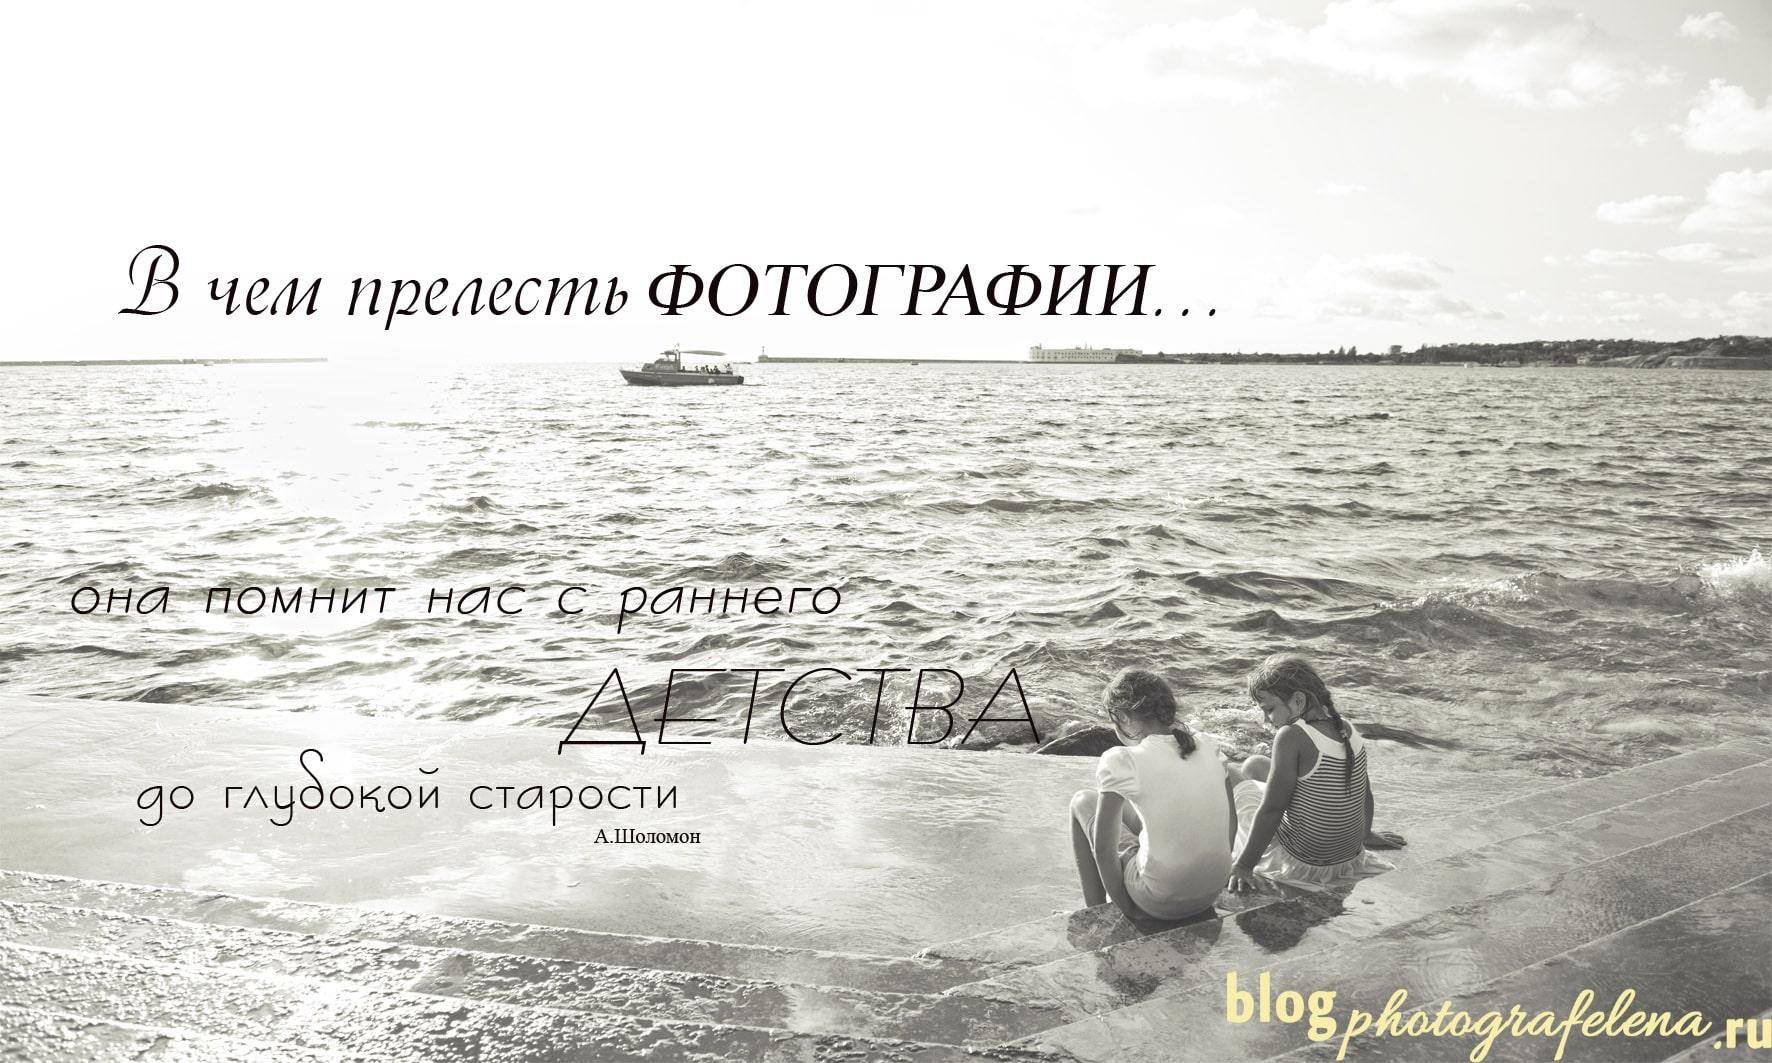 цитаты к фотографиям